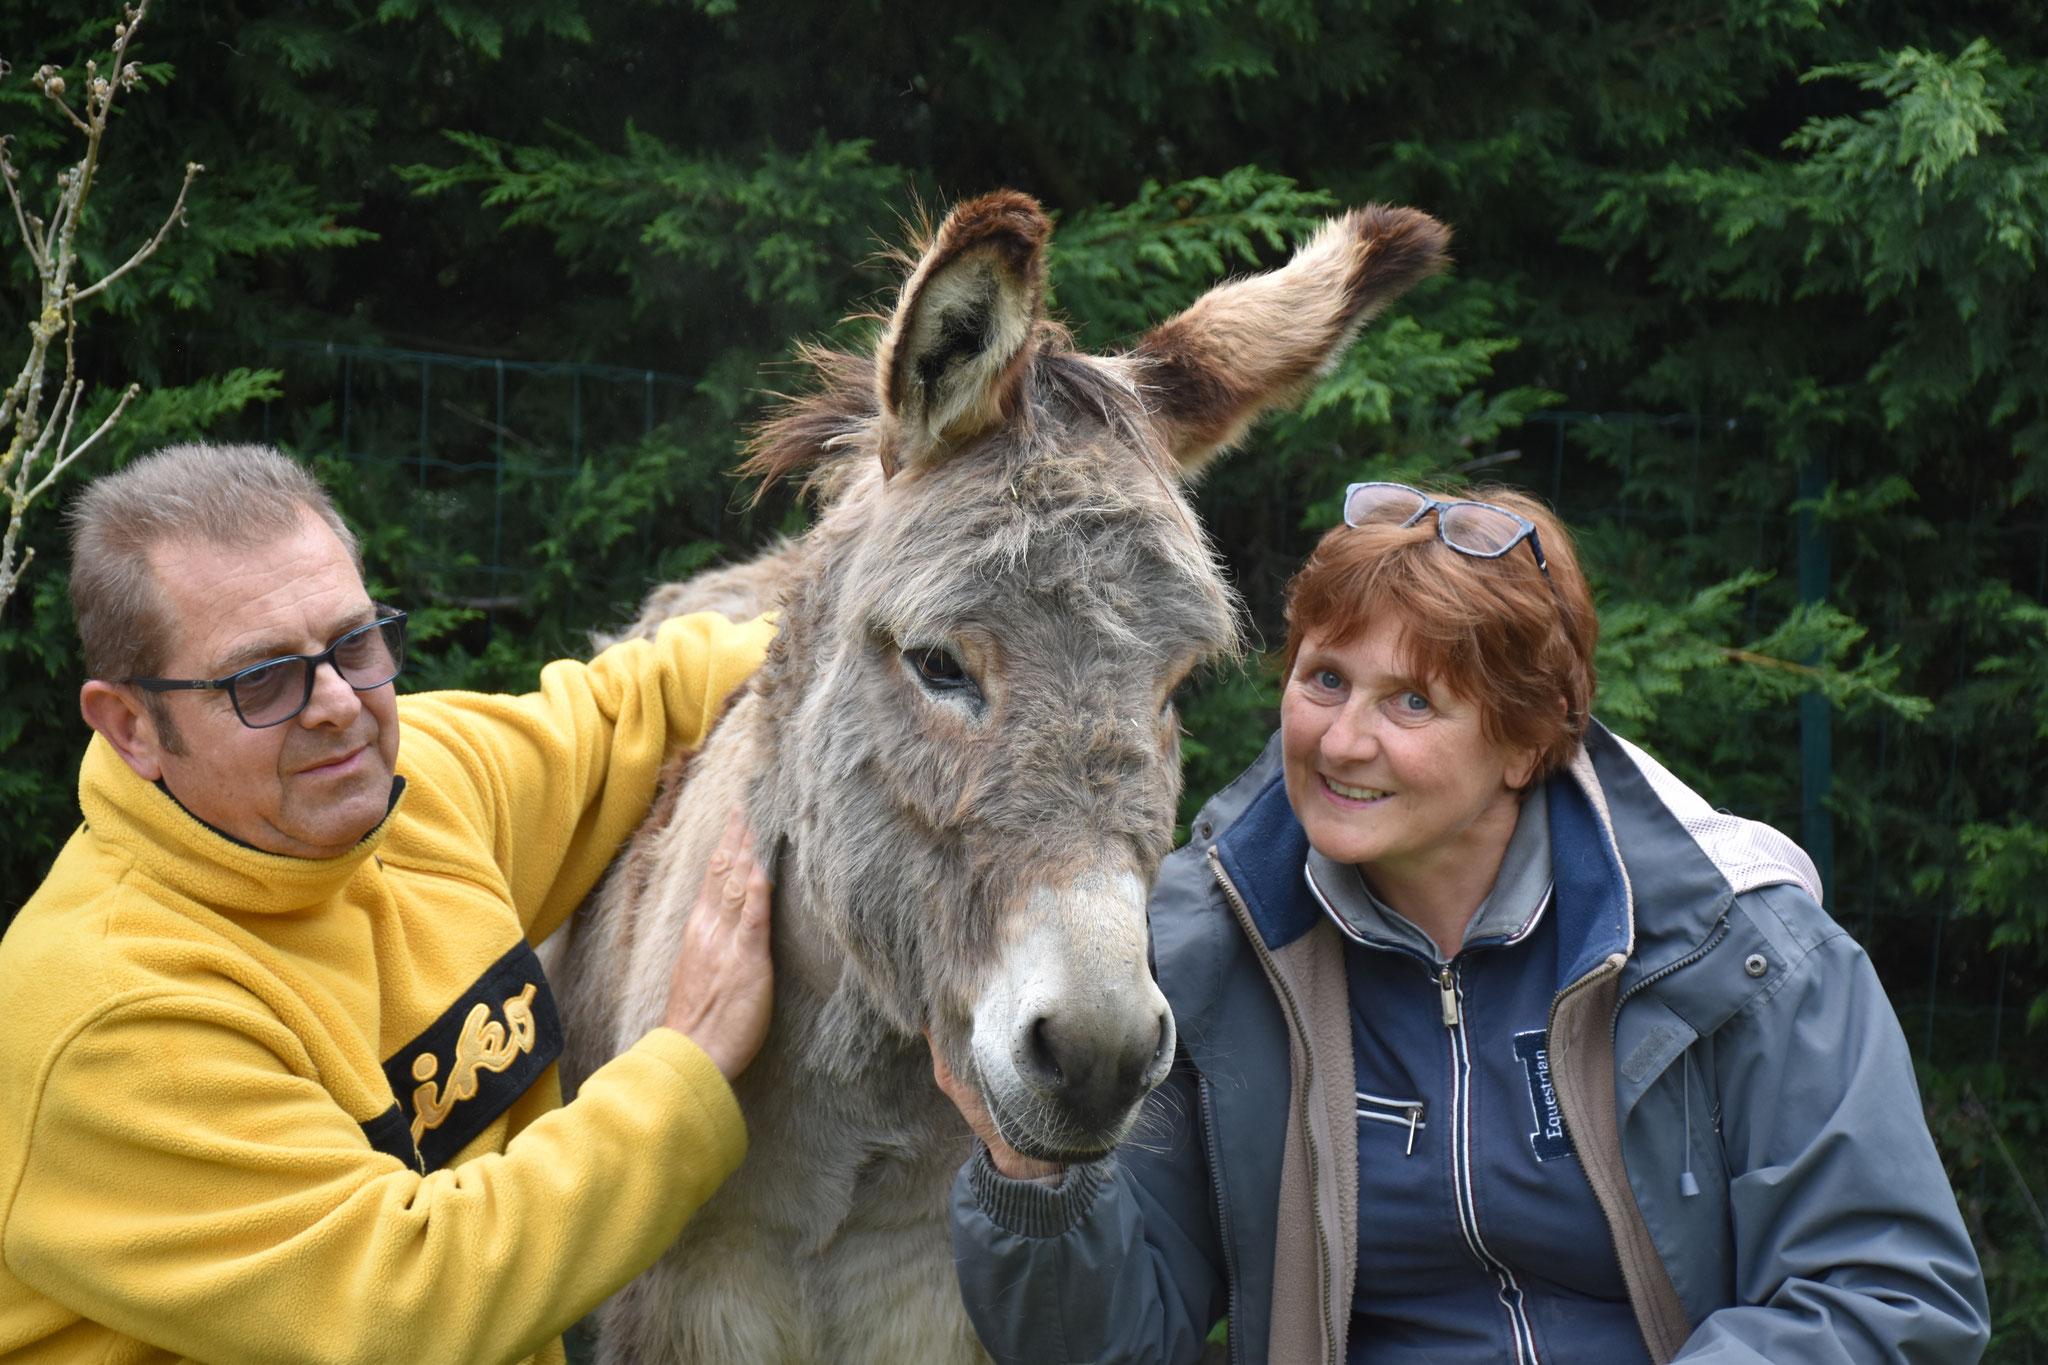 Cajou de liberté adopté en mai par Nathalie et Jean-François